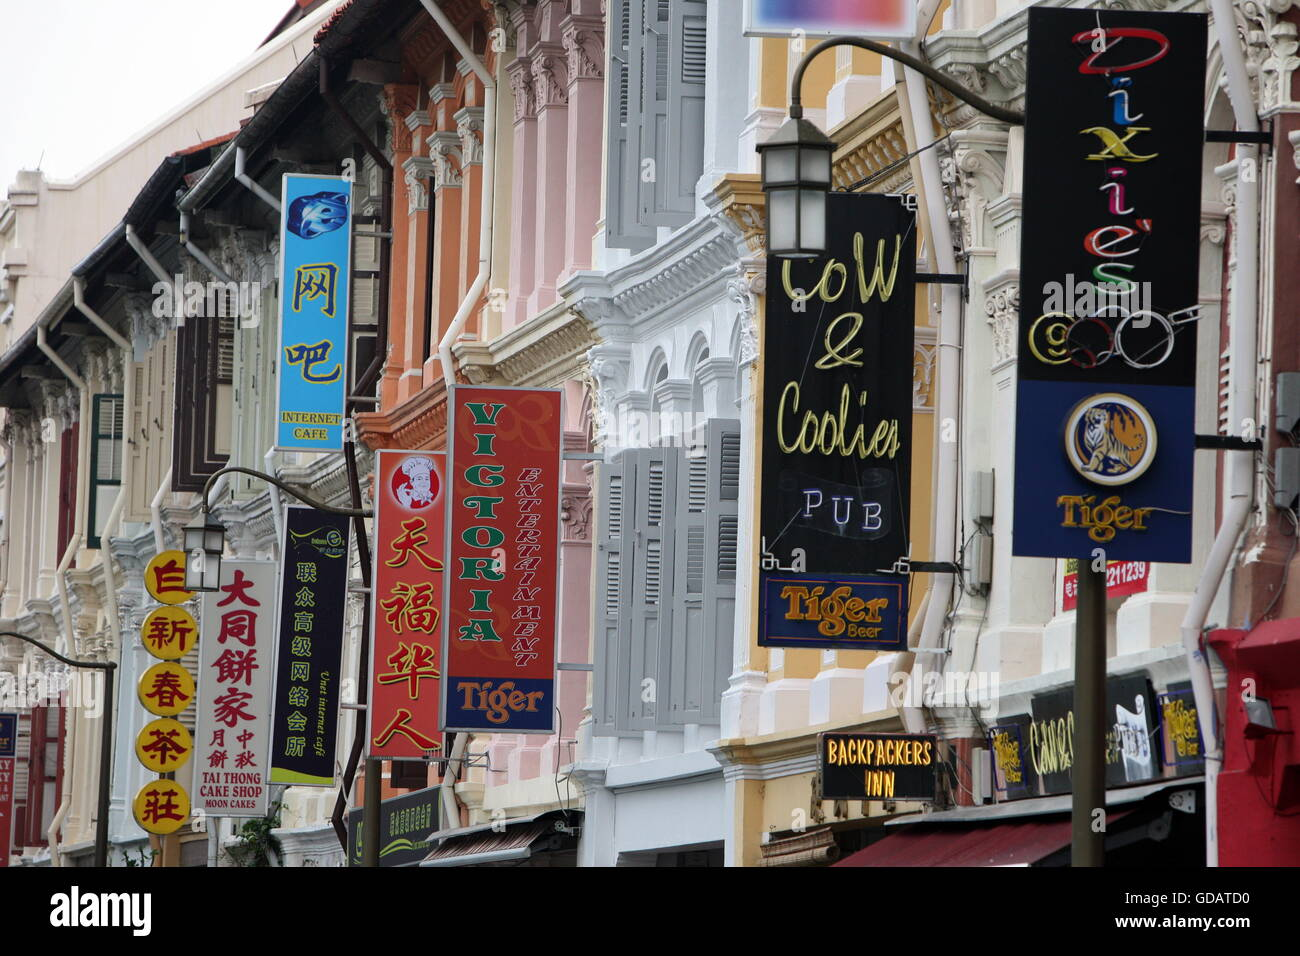 Asien, Suedost, Singapur, Insel, Staat, Stadt, City, China Town, Marktstrasse, Markt, Nachtmarkt, Gasse, Alltag, - Stock Image